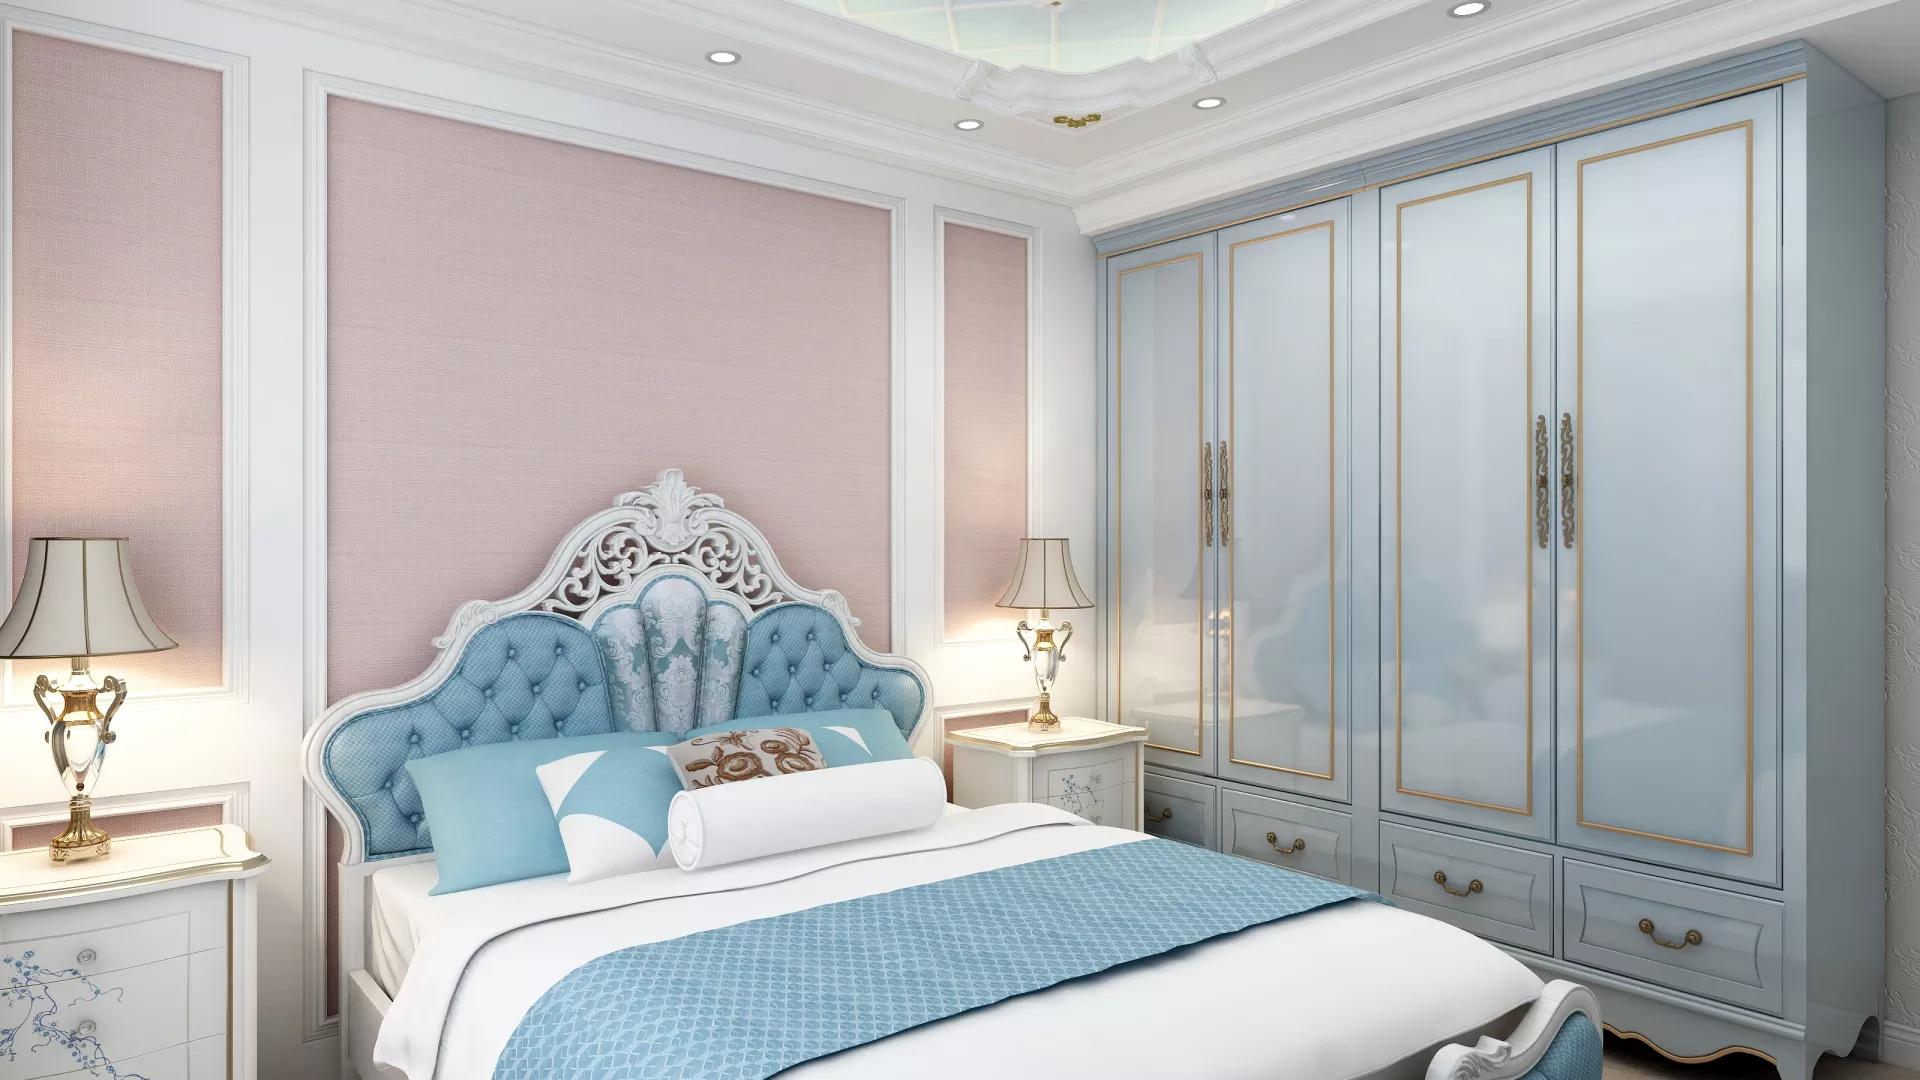 卧室有房梁装修怎么办 卧室有梁怎么装修